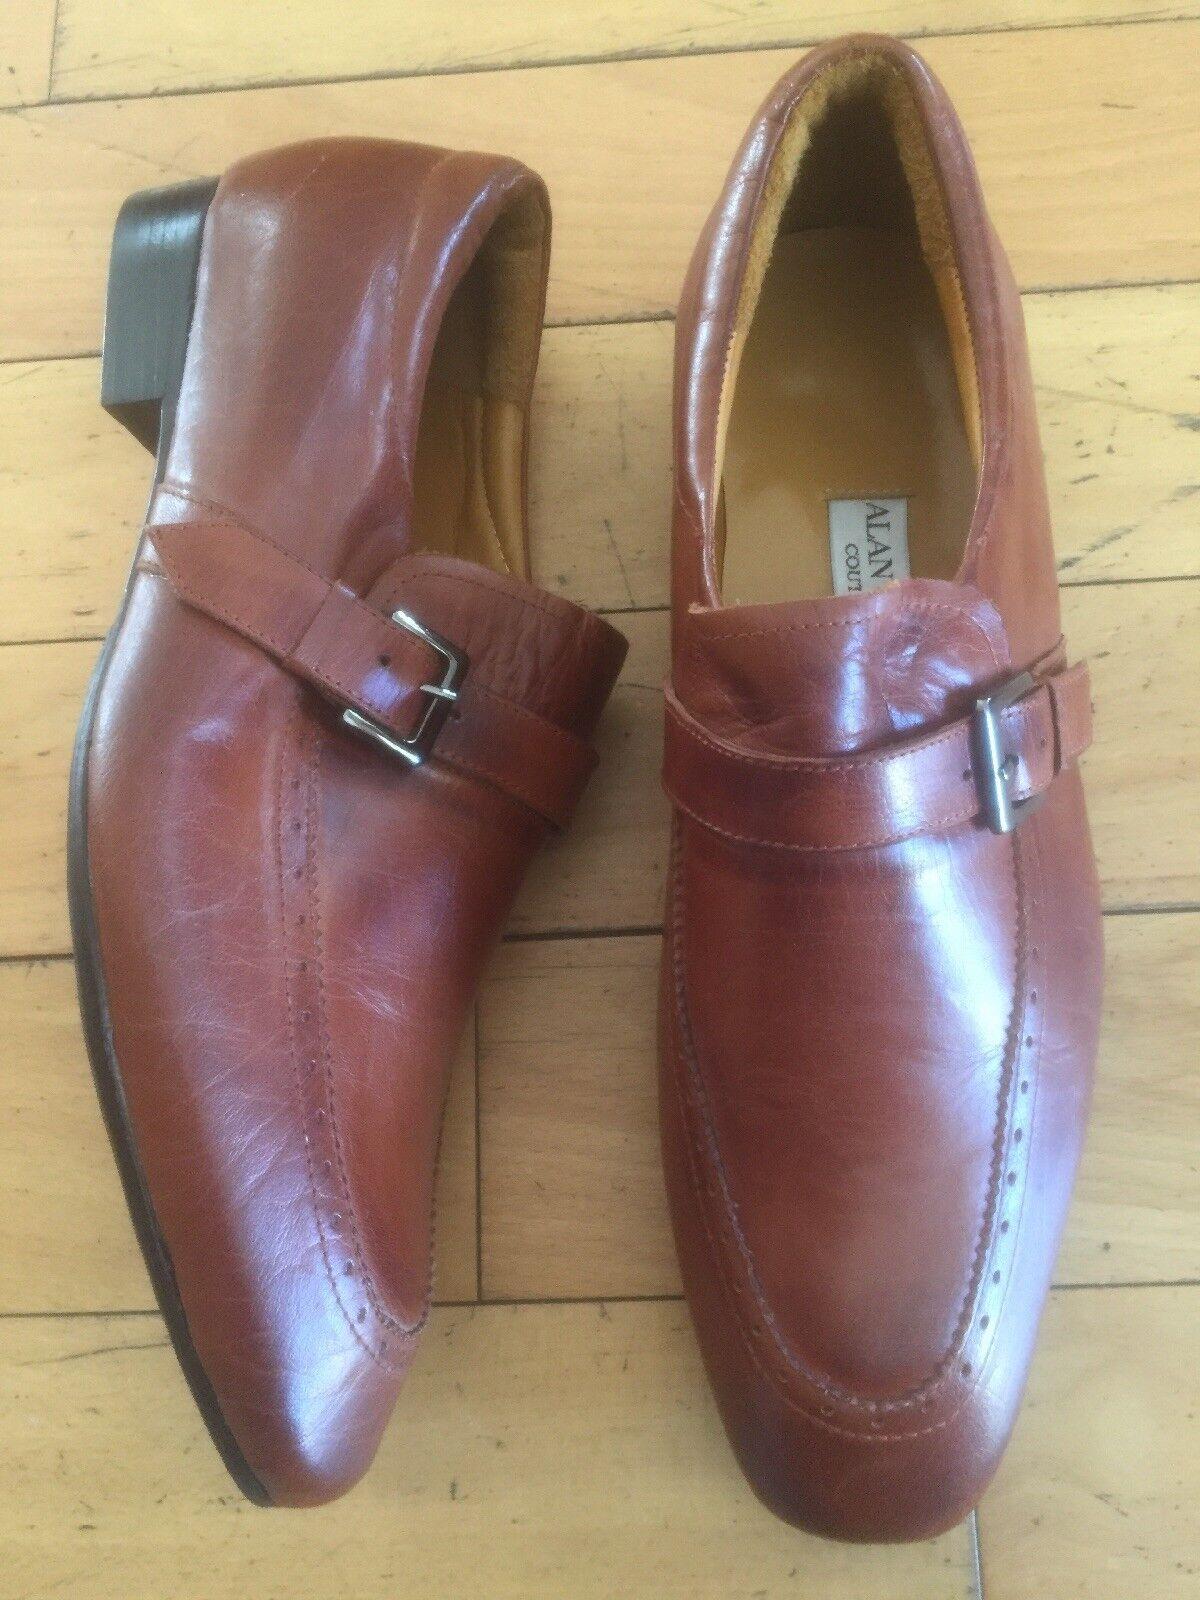 consegna diretta e rapida in fabbrica Uomo Alan Chan Couture Marrone Marrone Marrone Dress scarpeWith Buckle Dimensione 8  più sconto